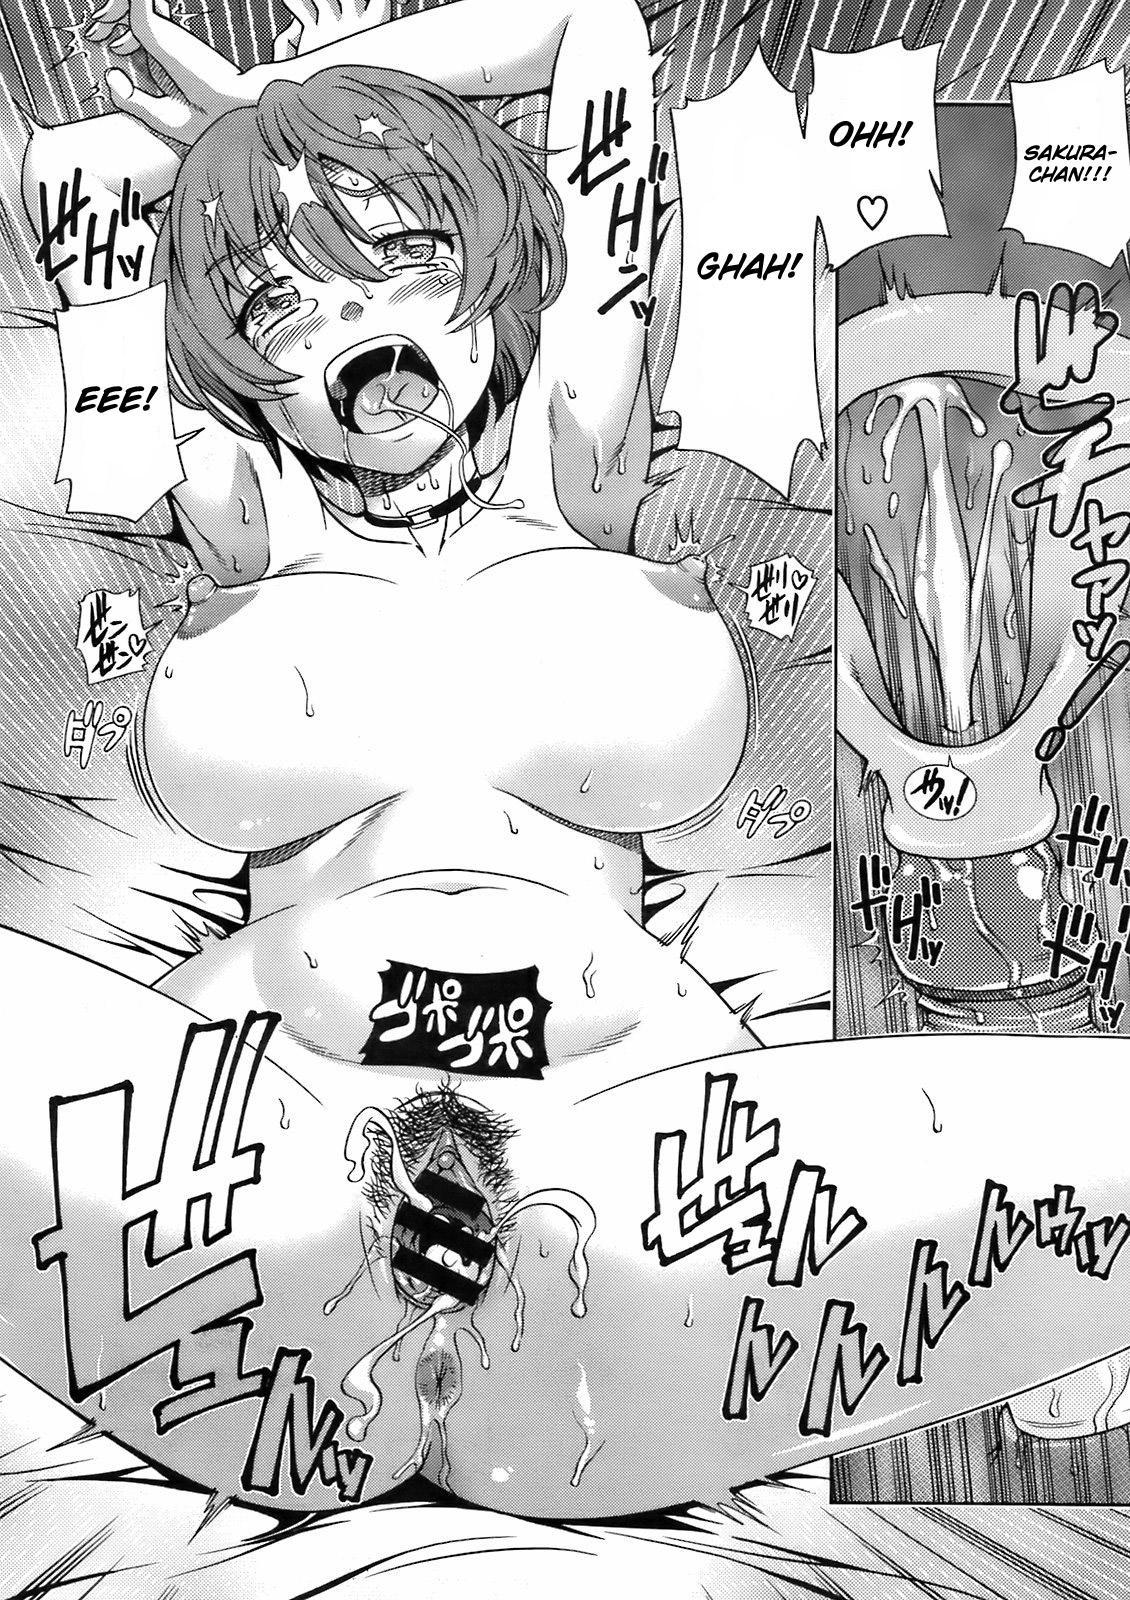 Sakura Chiru Saku 13